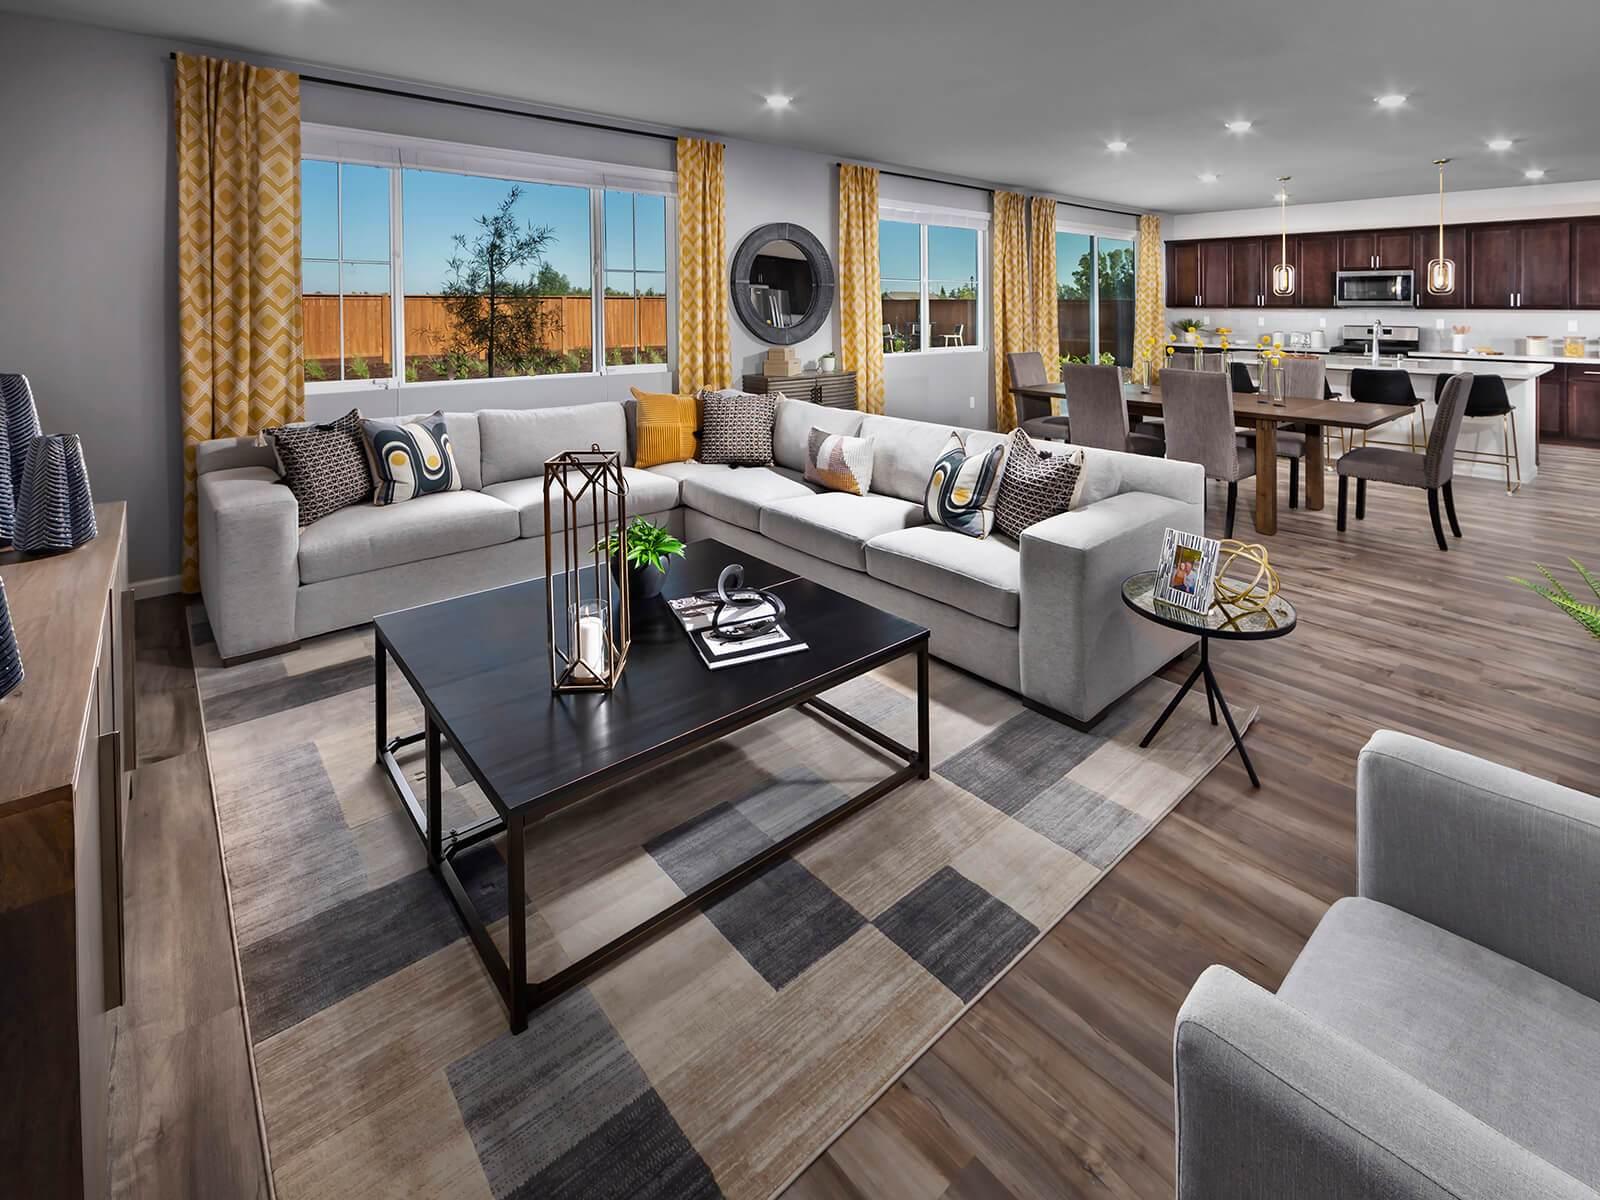 'Homestead' by Meritage Homes: Bay Area, C... in Vallejo-Napa